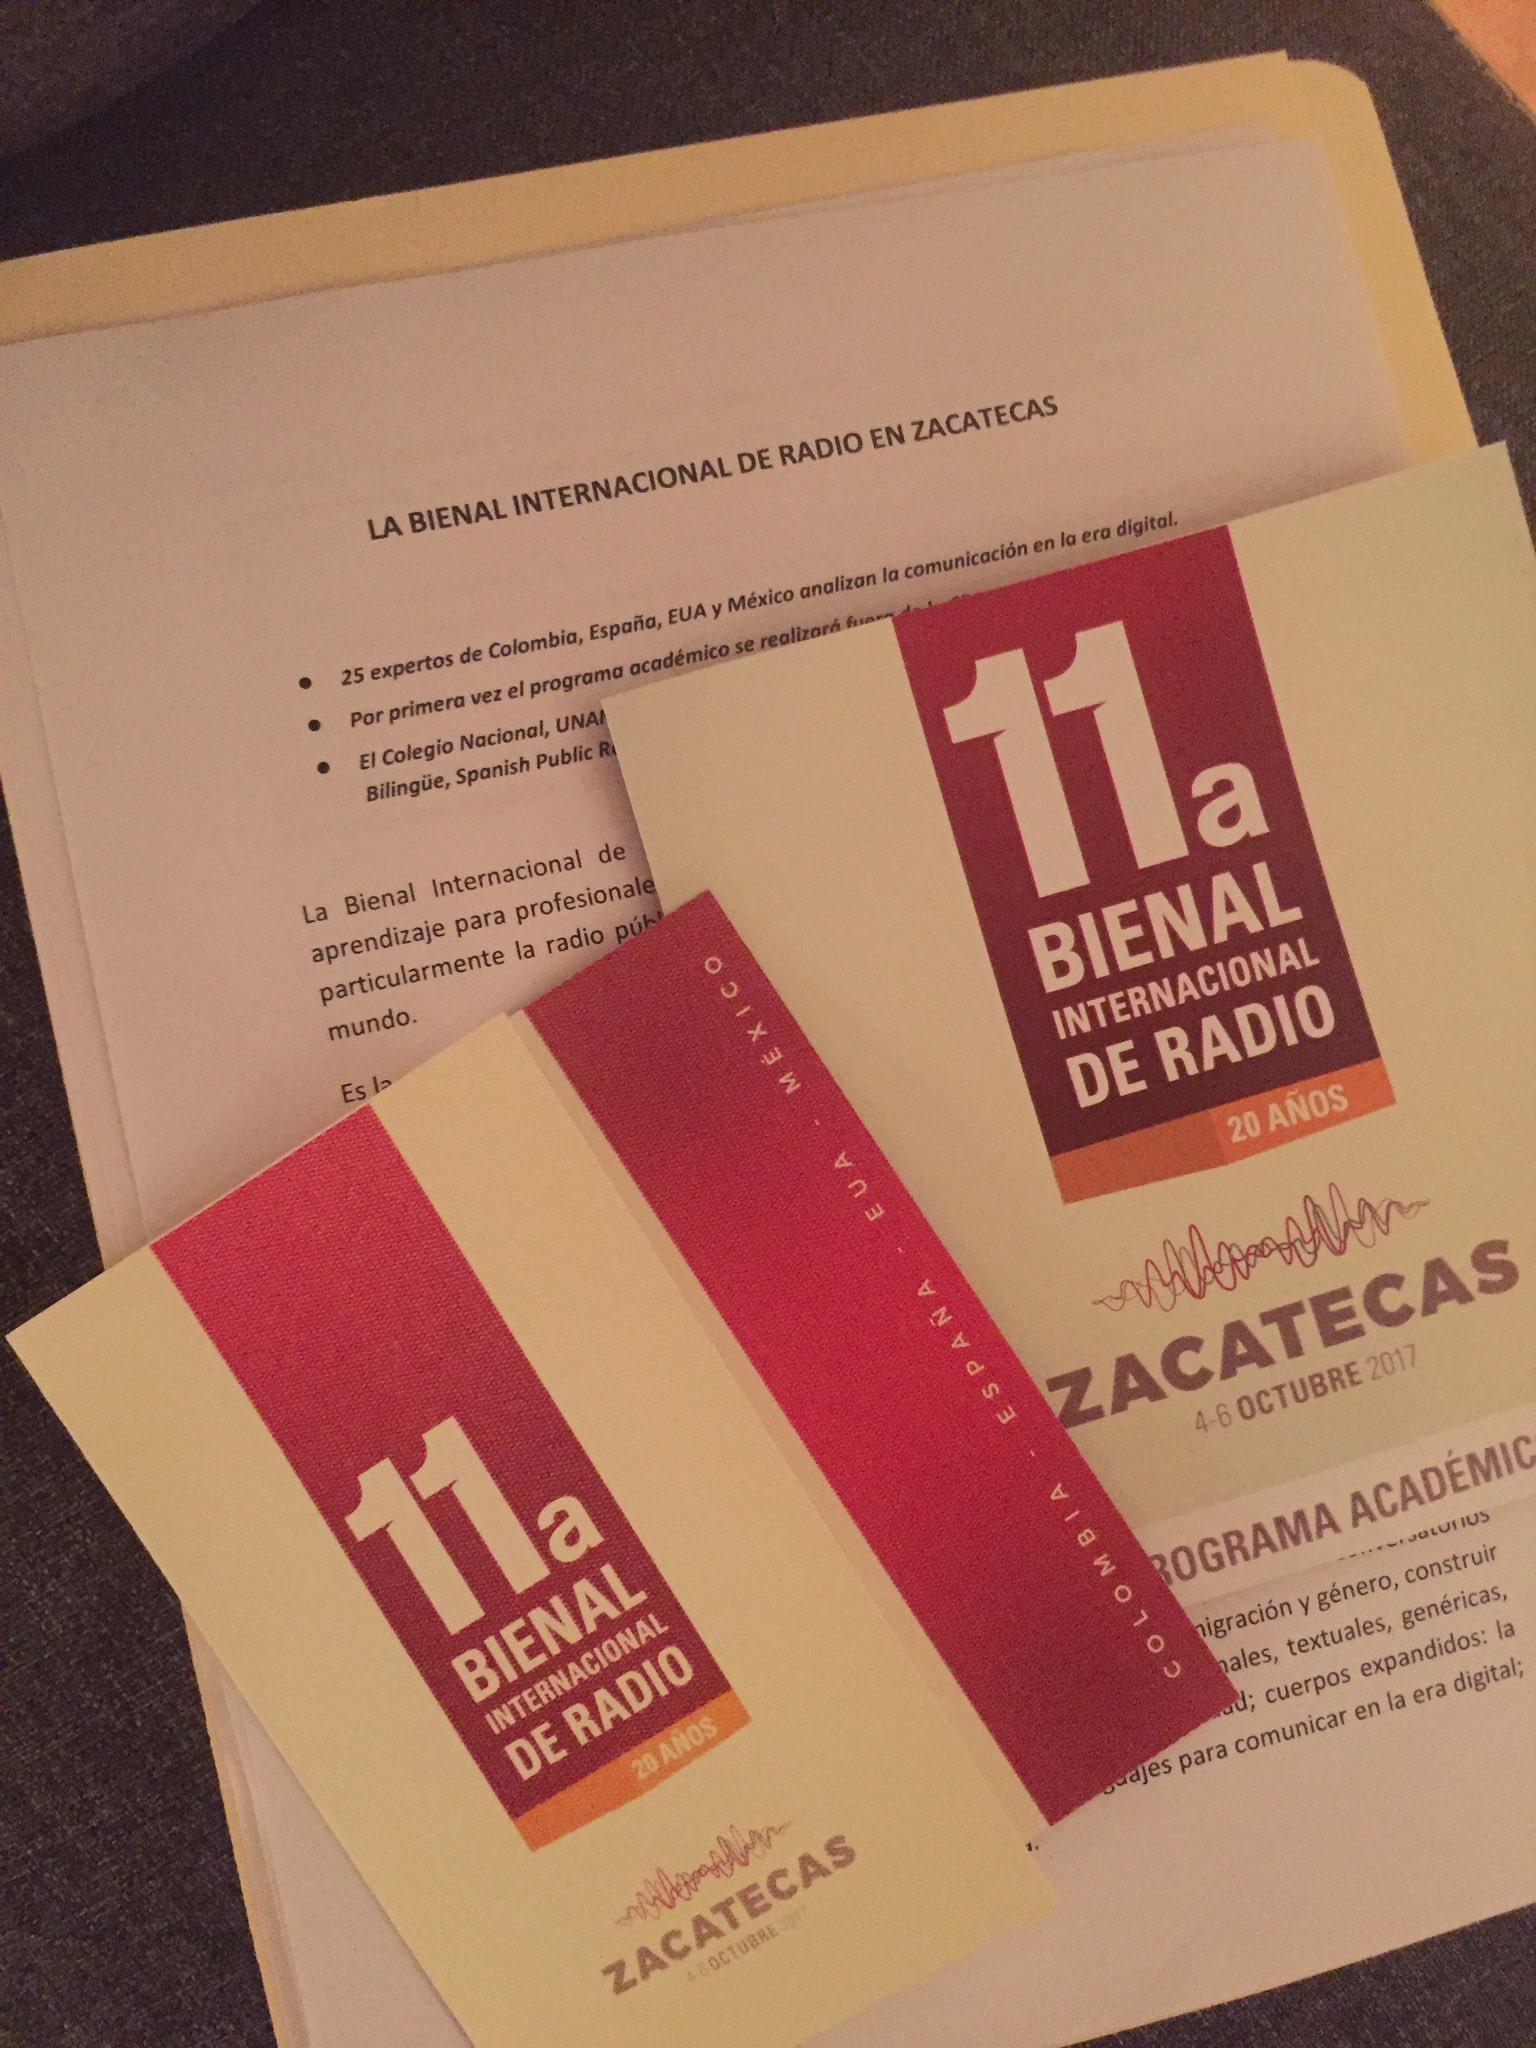 En #Zacatecas presentamos hoy el Programa Académico de la @BienalRadio !Un honor colaborar con el @SIZARTOficial¡ https://t.co/vEVbSakZC4